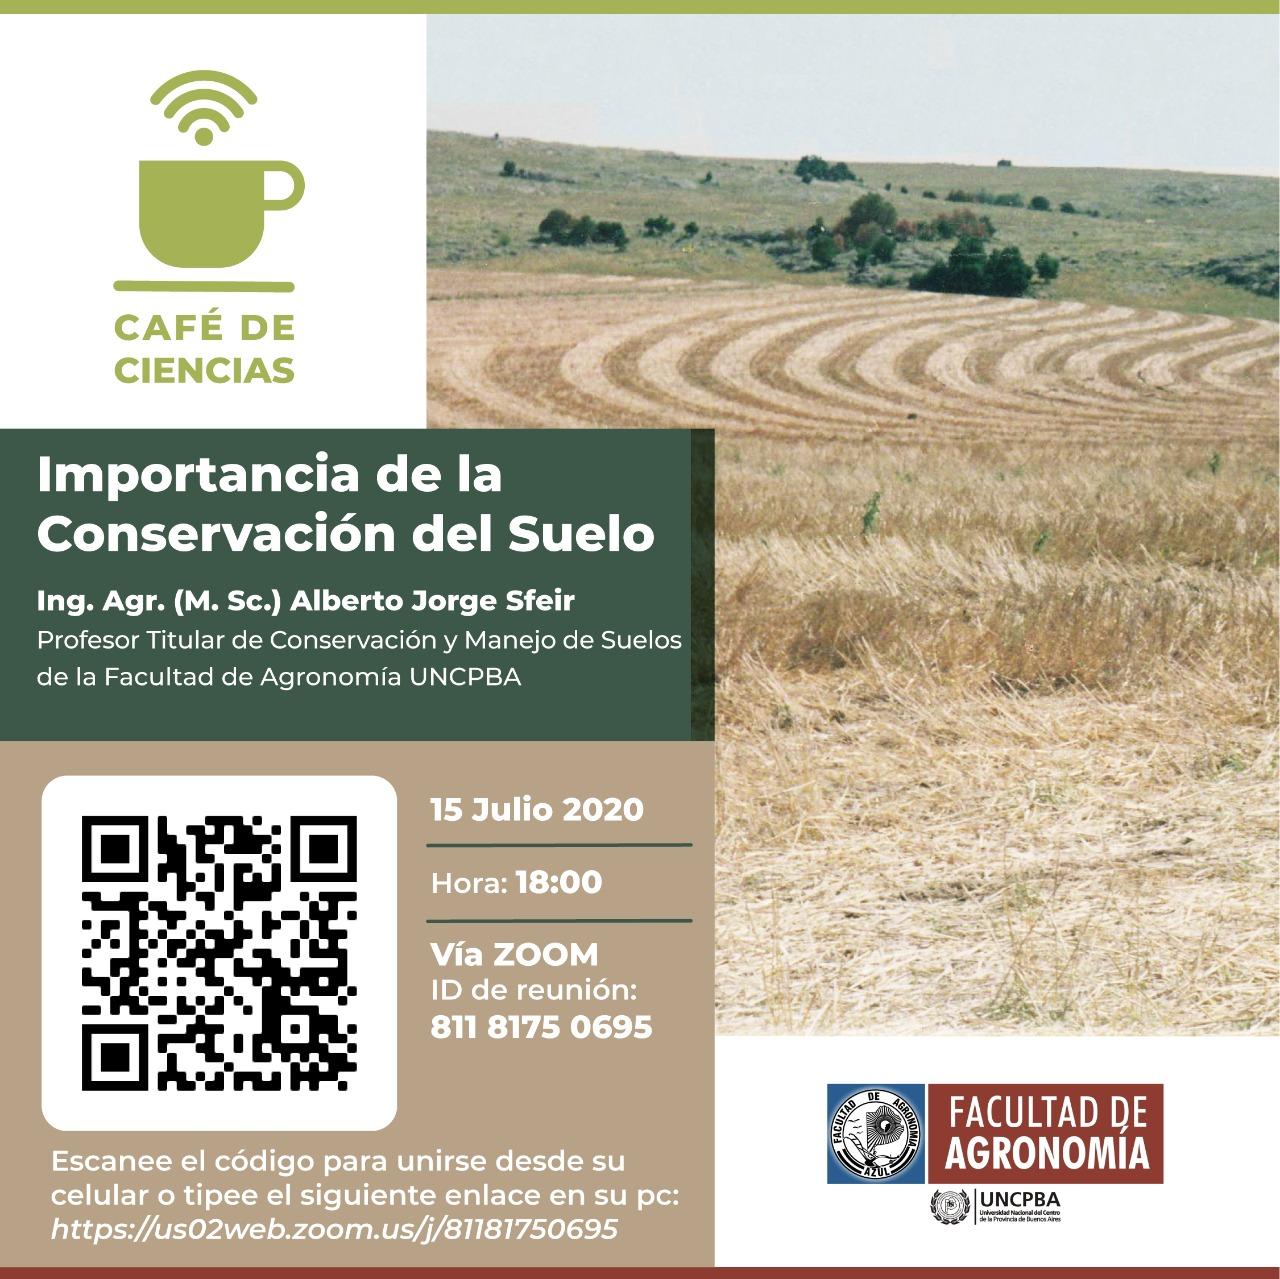 Café de Ciencias: Importancia de la conservación del suelo